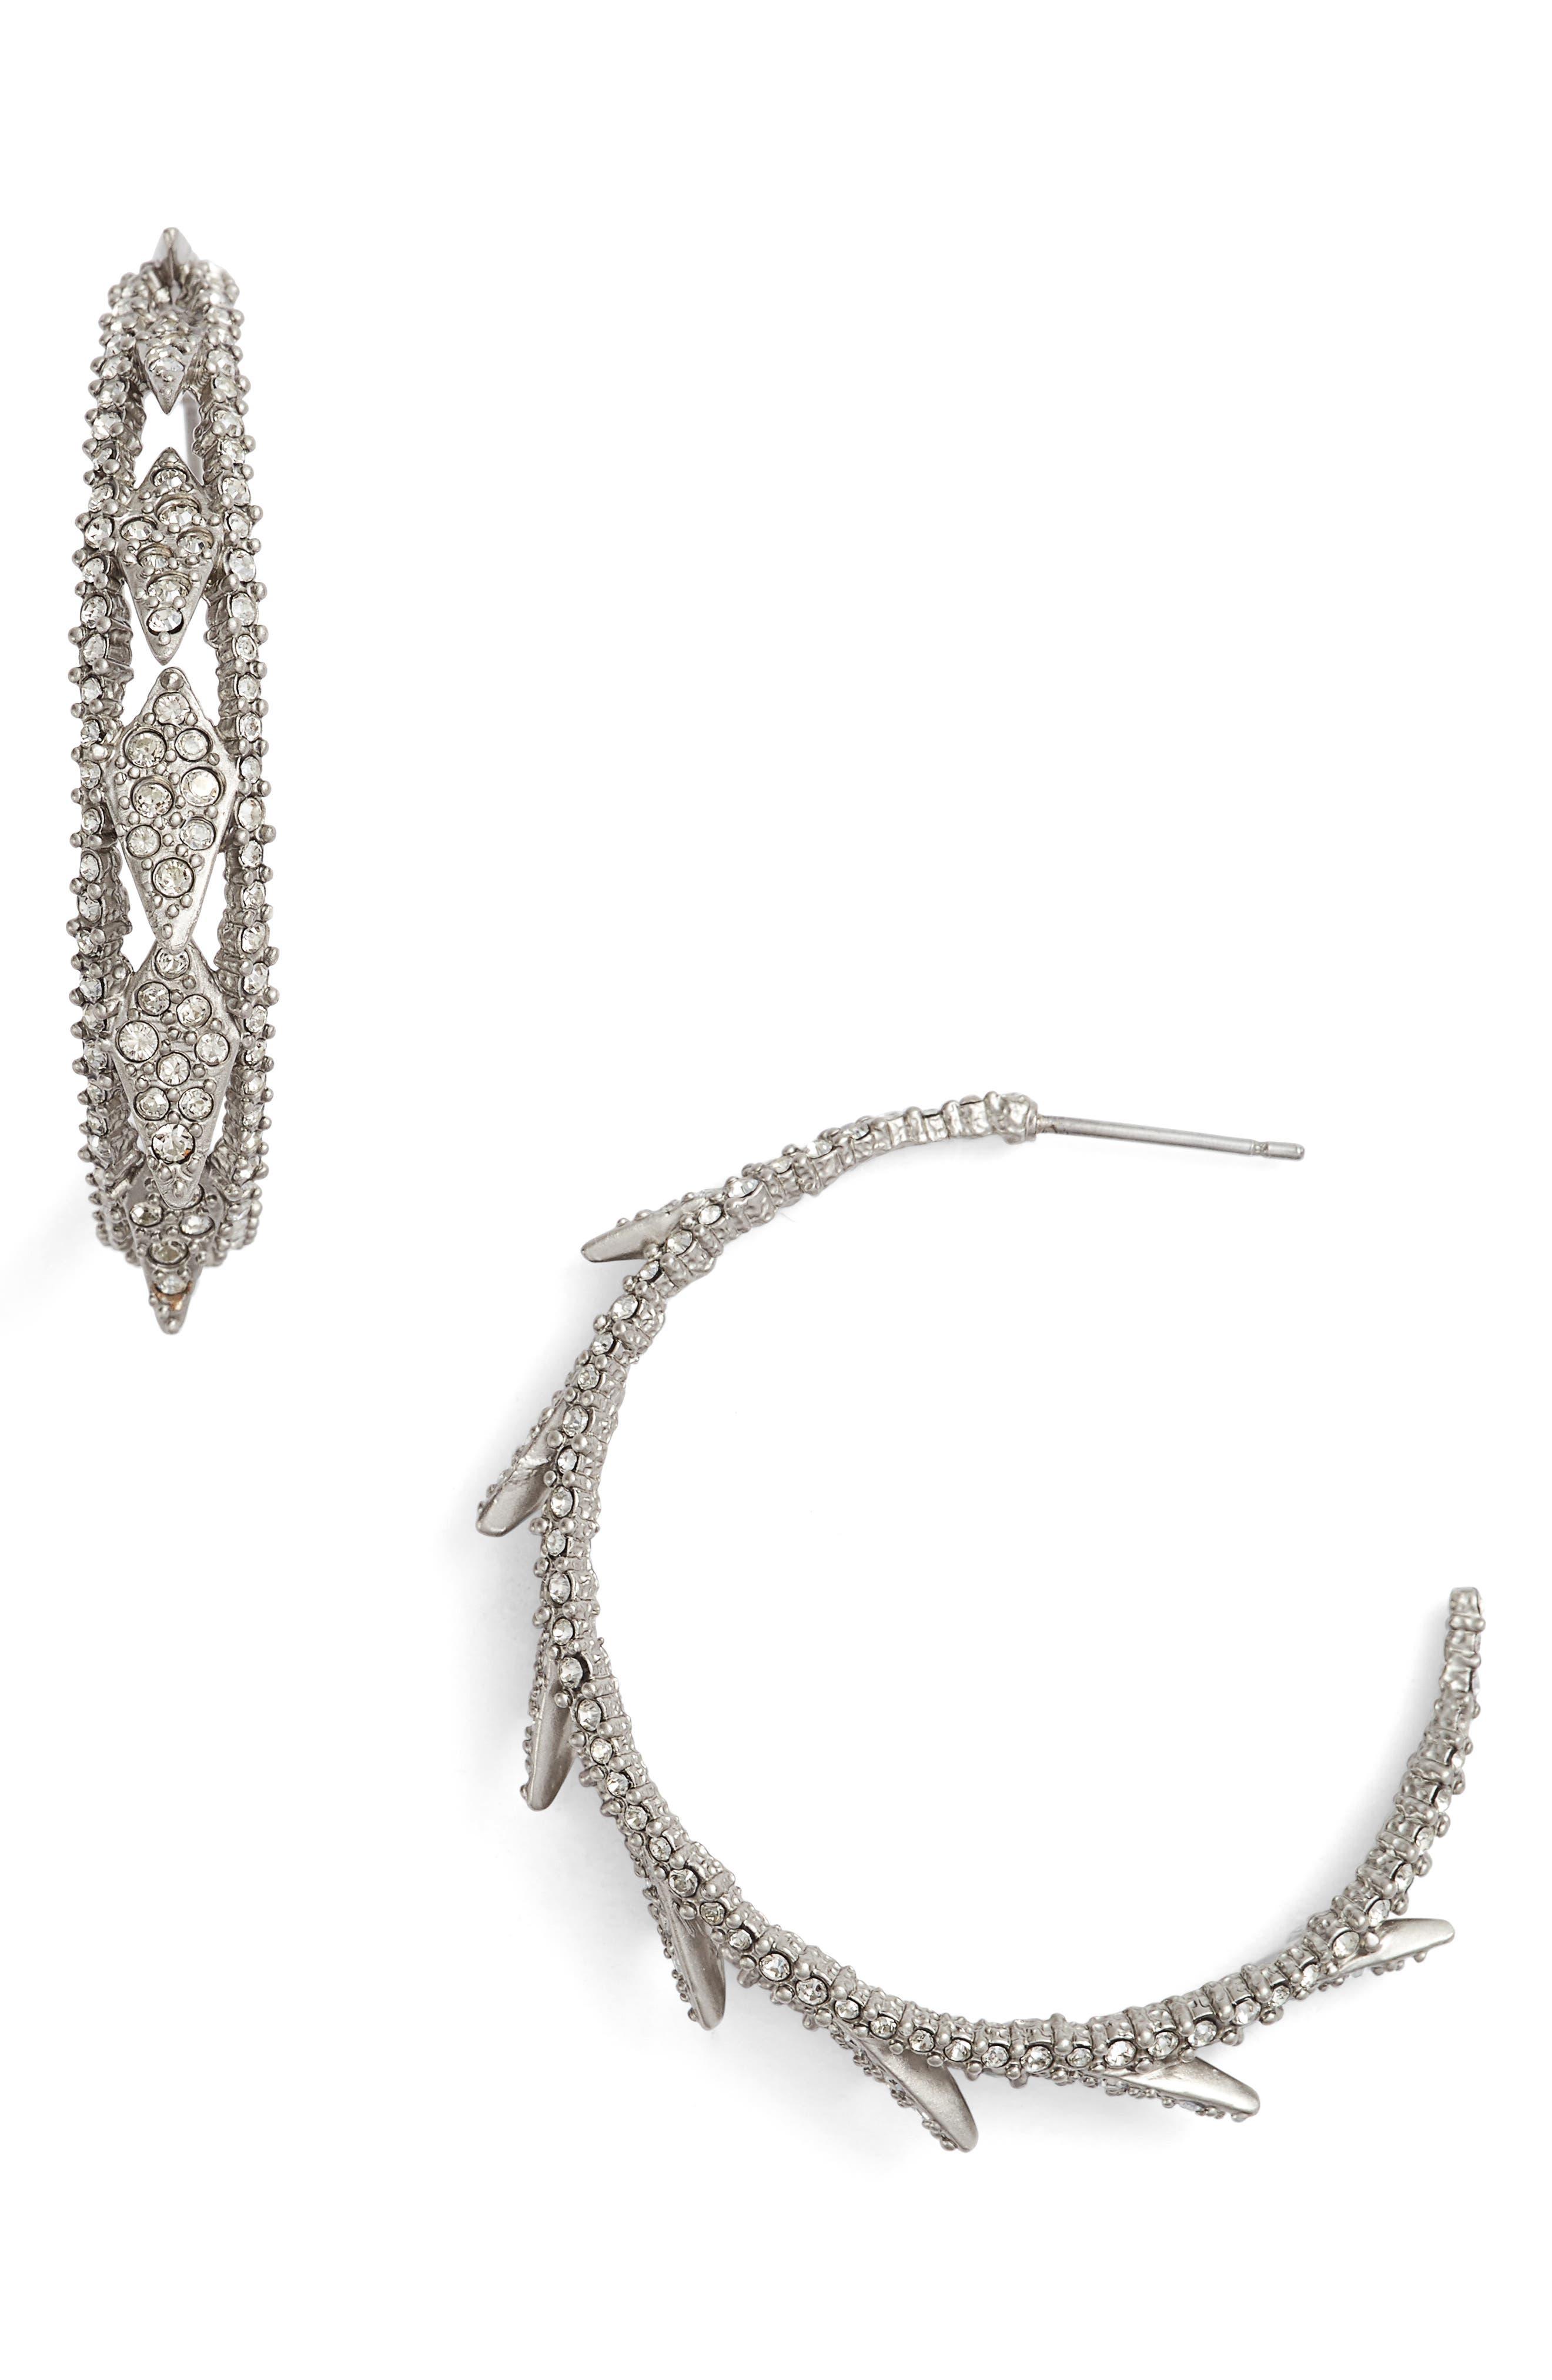 Main Image - Alexis Bittar Crystal Encrusted Hook Earrings